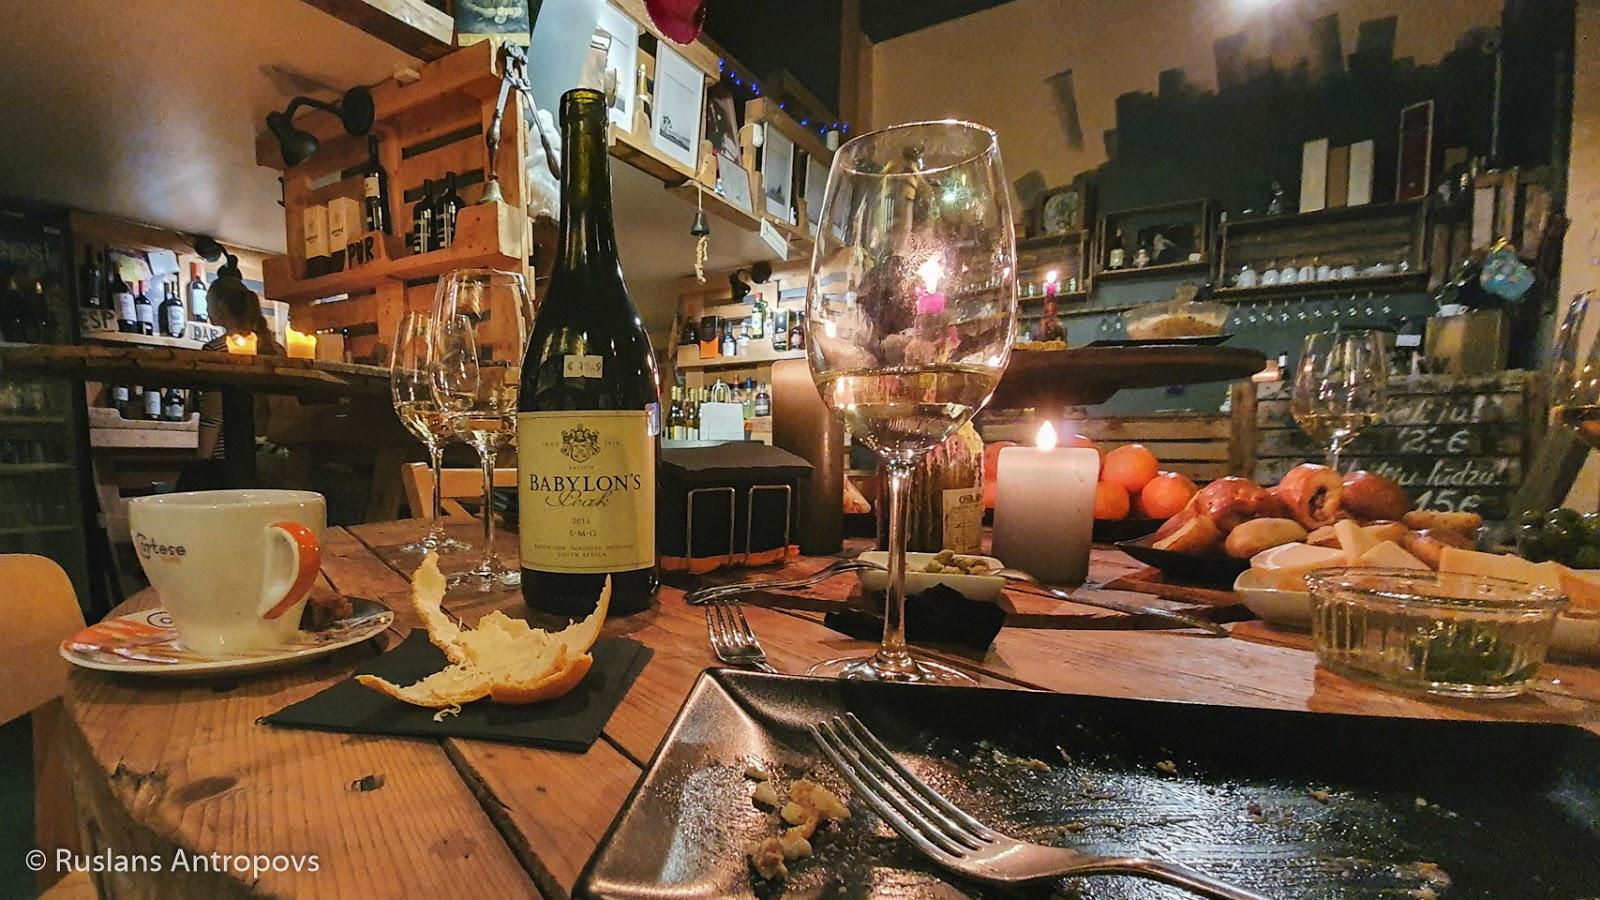 Galds ar vīna glāzēm, vīna pudelēm, kafijas tasītes pēc svētku mielasta